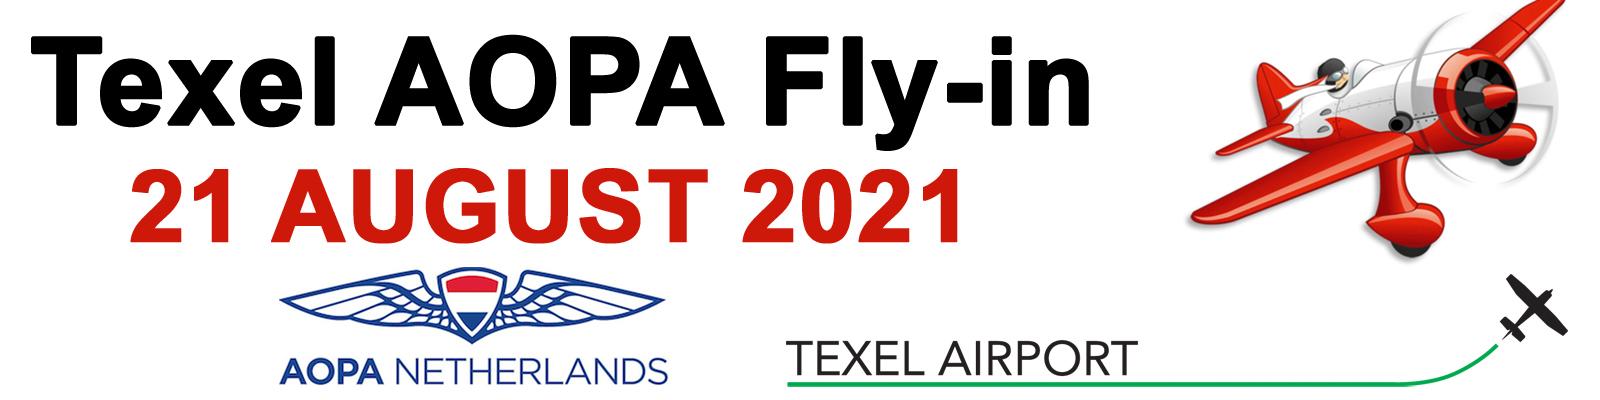 Texel AOPA Fly-in 2021 Logo